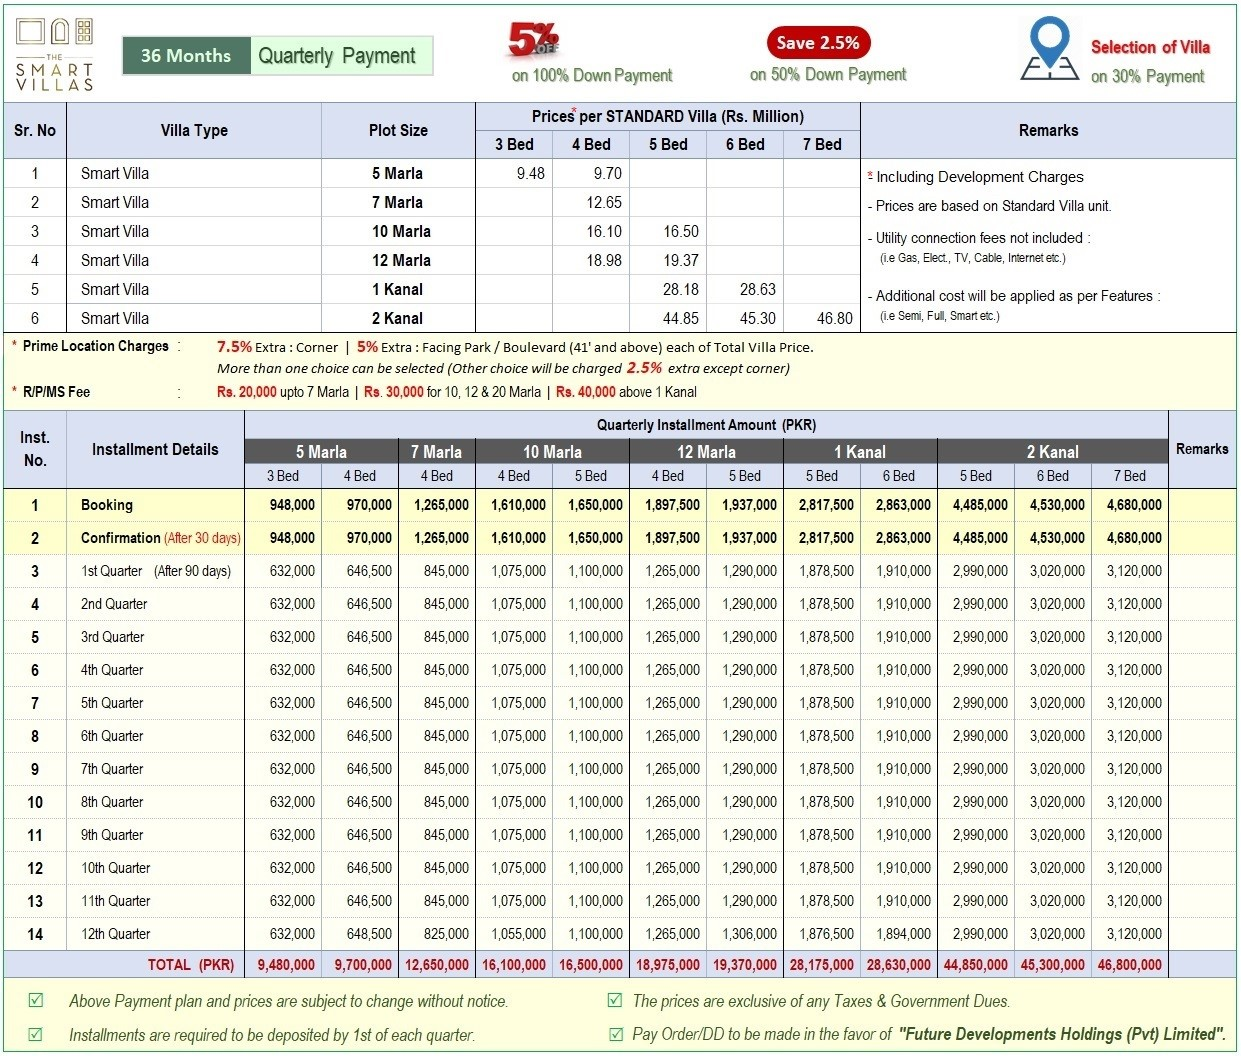 Smart villas payment plan